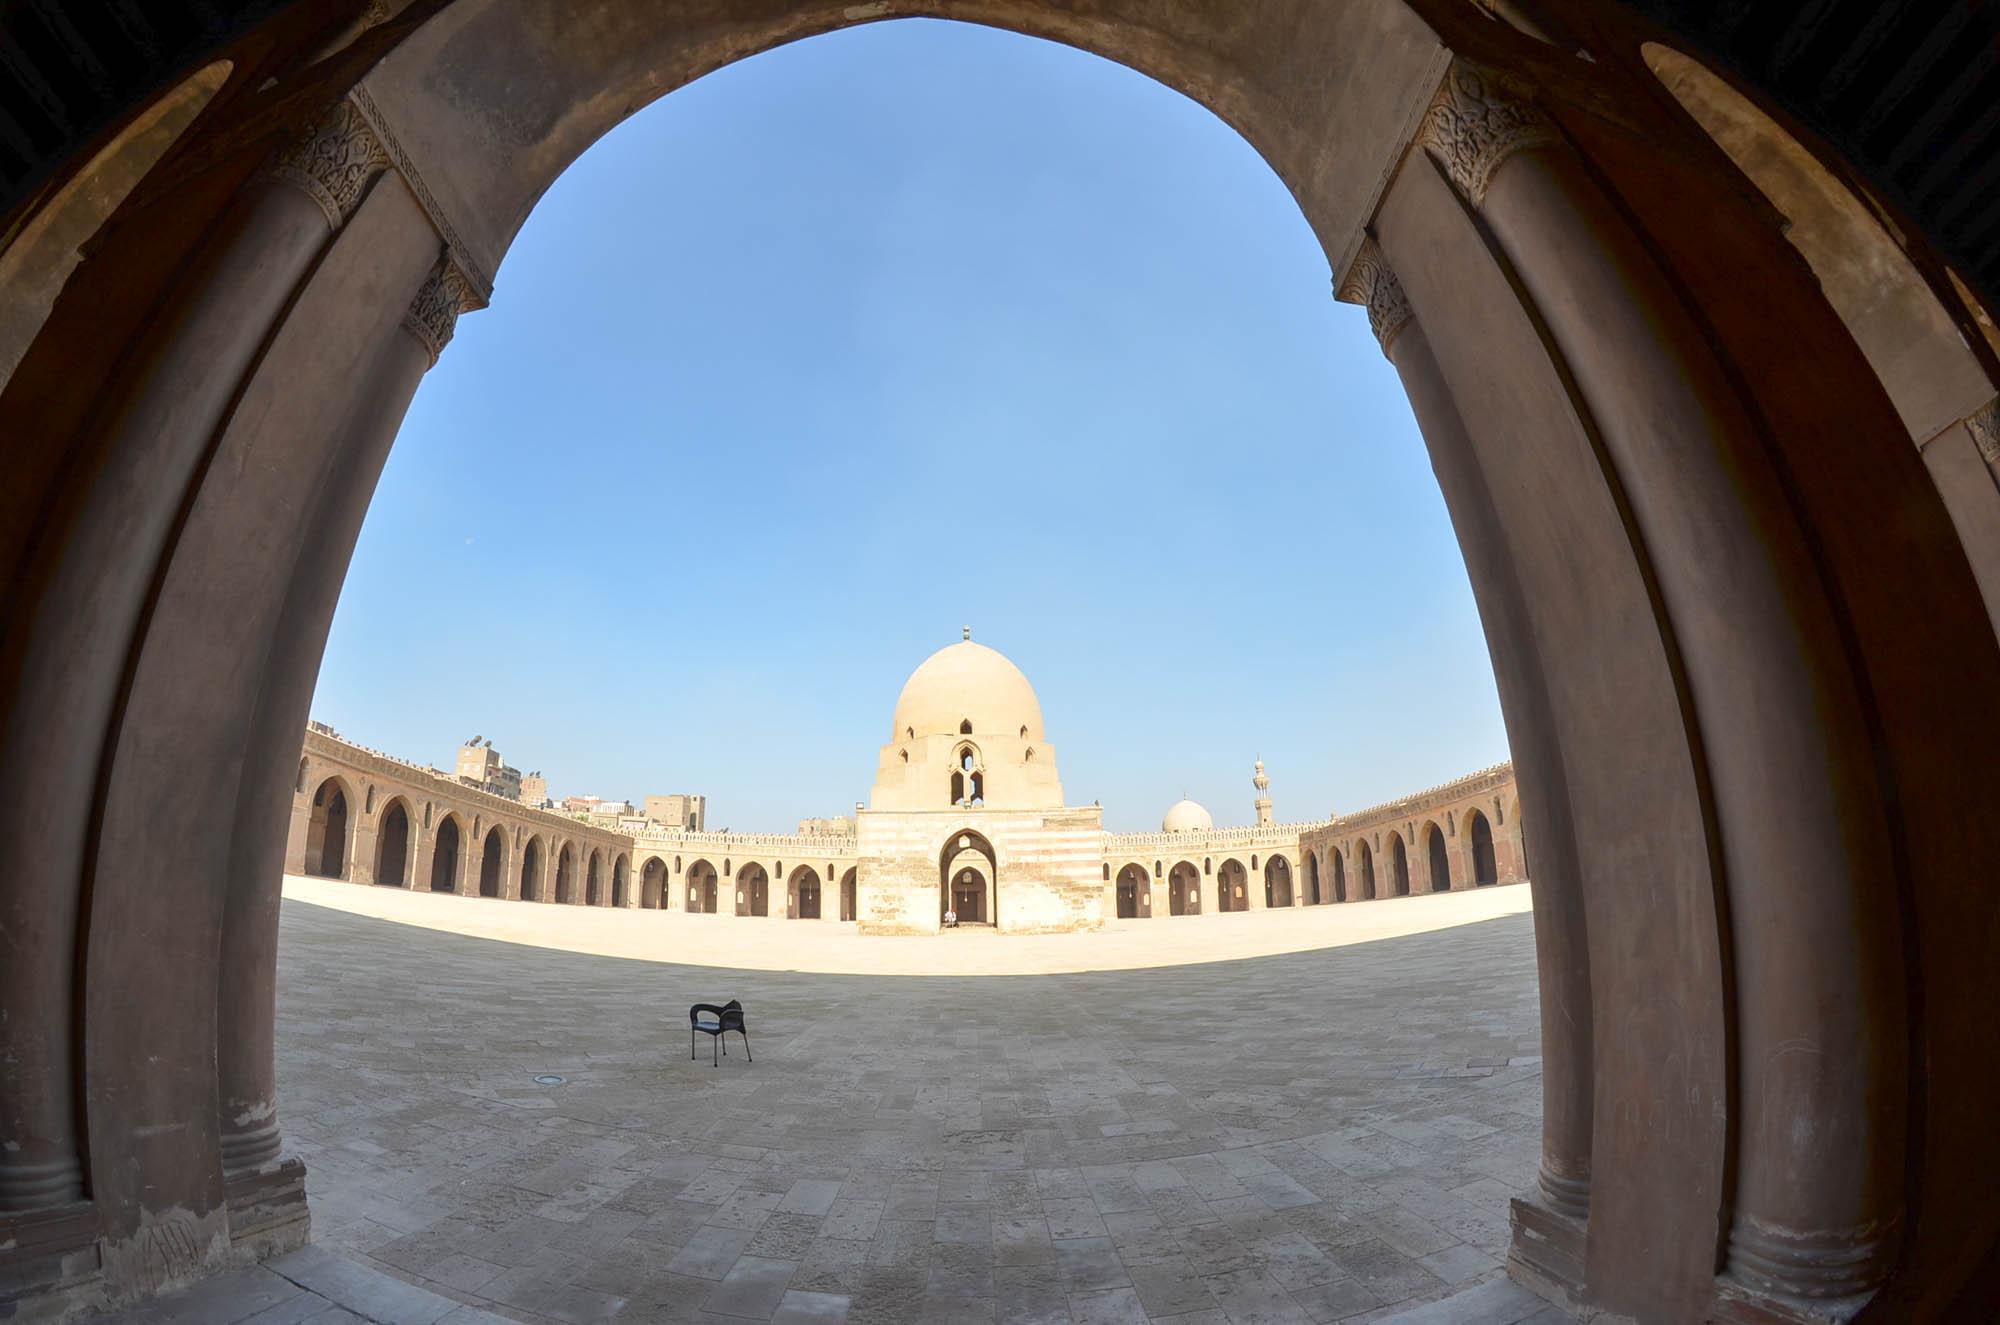 Der Legende nach errichtete der Begründer der Tuluniden-Dynastie, Ahmad Ibn Tulun, seine Moschee auf dem Jaschkur-Hügel, wo Abraham einen WIdder anstelle seines Sohnes Isaak geopfert haben soll. Sie wurde von 876 bis 879 gebaut. Foto: Matthieu Götz